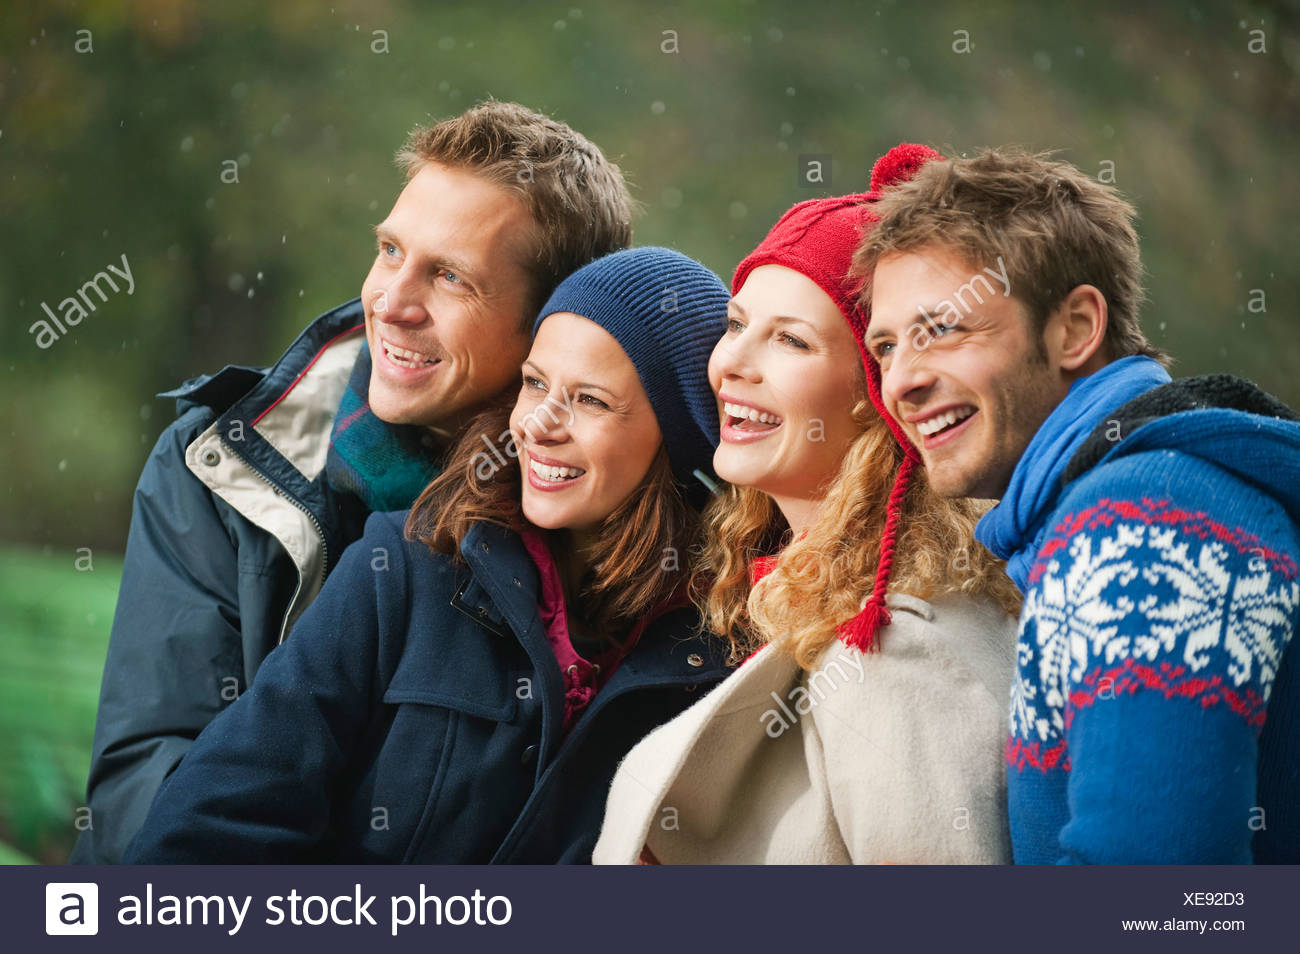 Deutschland, Bayern, englischer Garten, vier Personen lachen, Porträt, Nahaufnahme Stockfoto